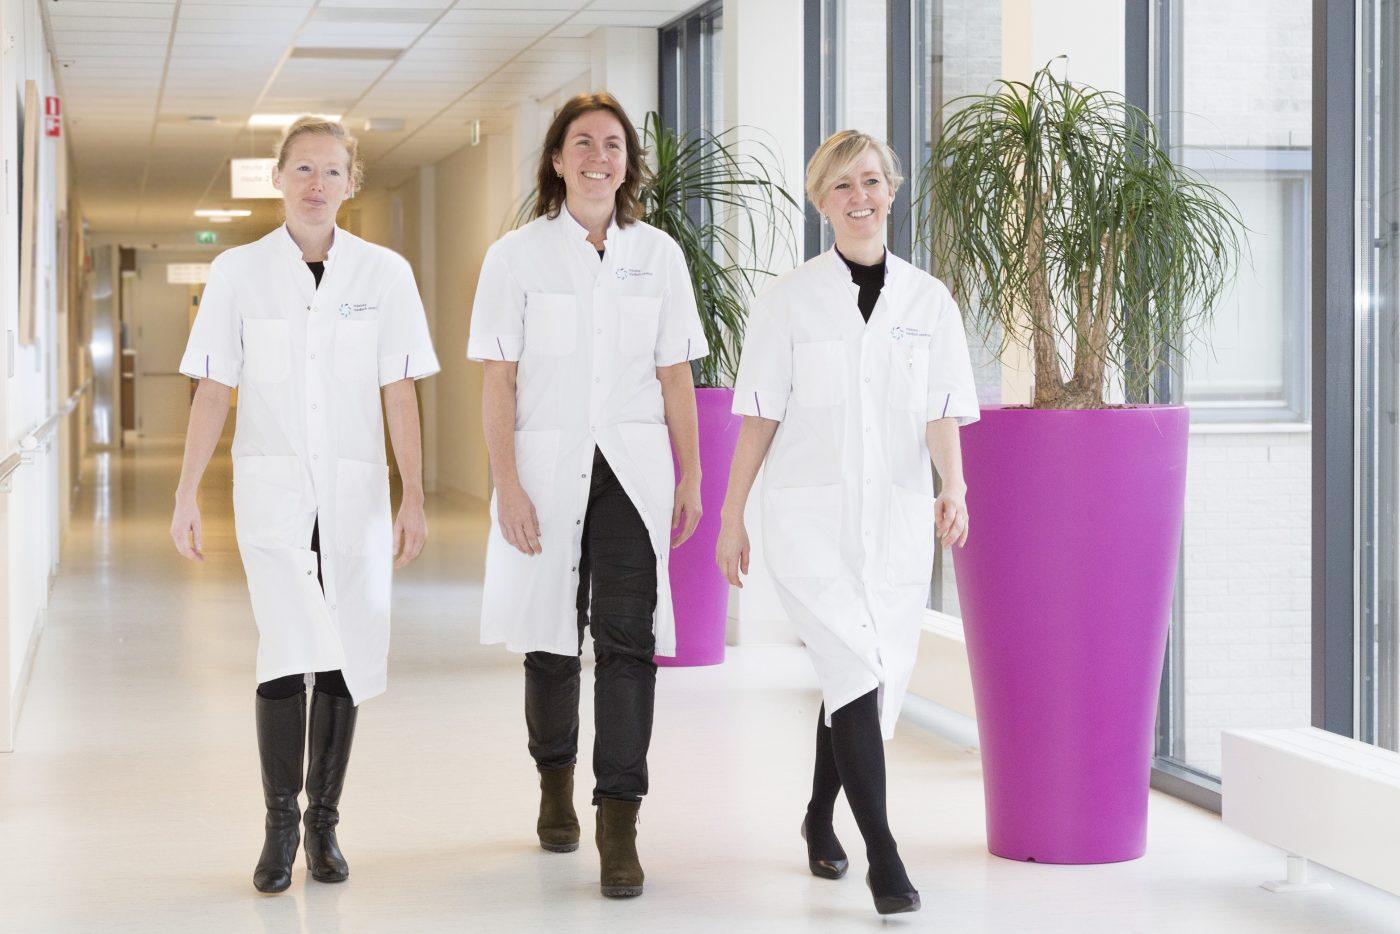 Landelijk onderzoek naar beste voedingswijze bij acute leukemie